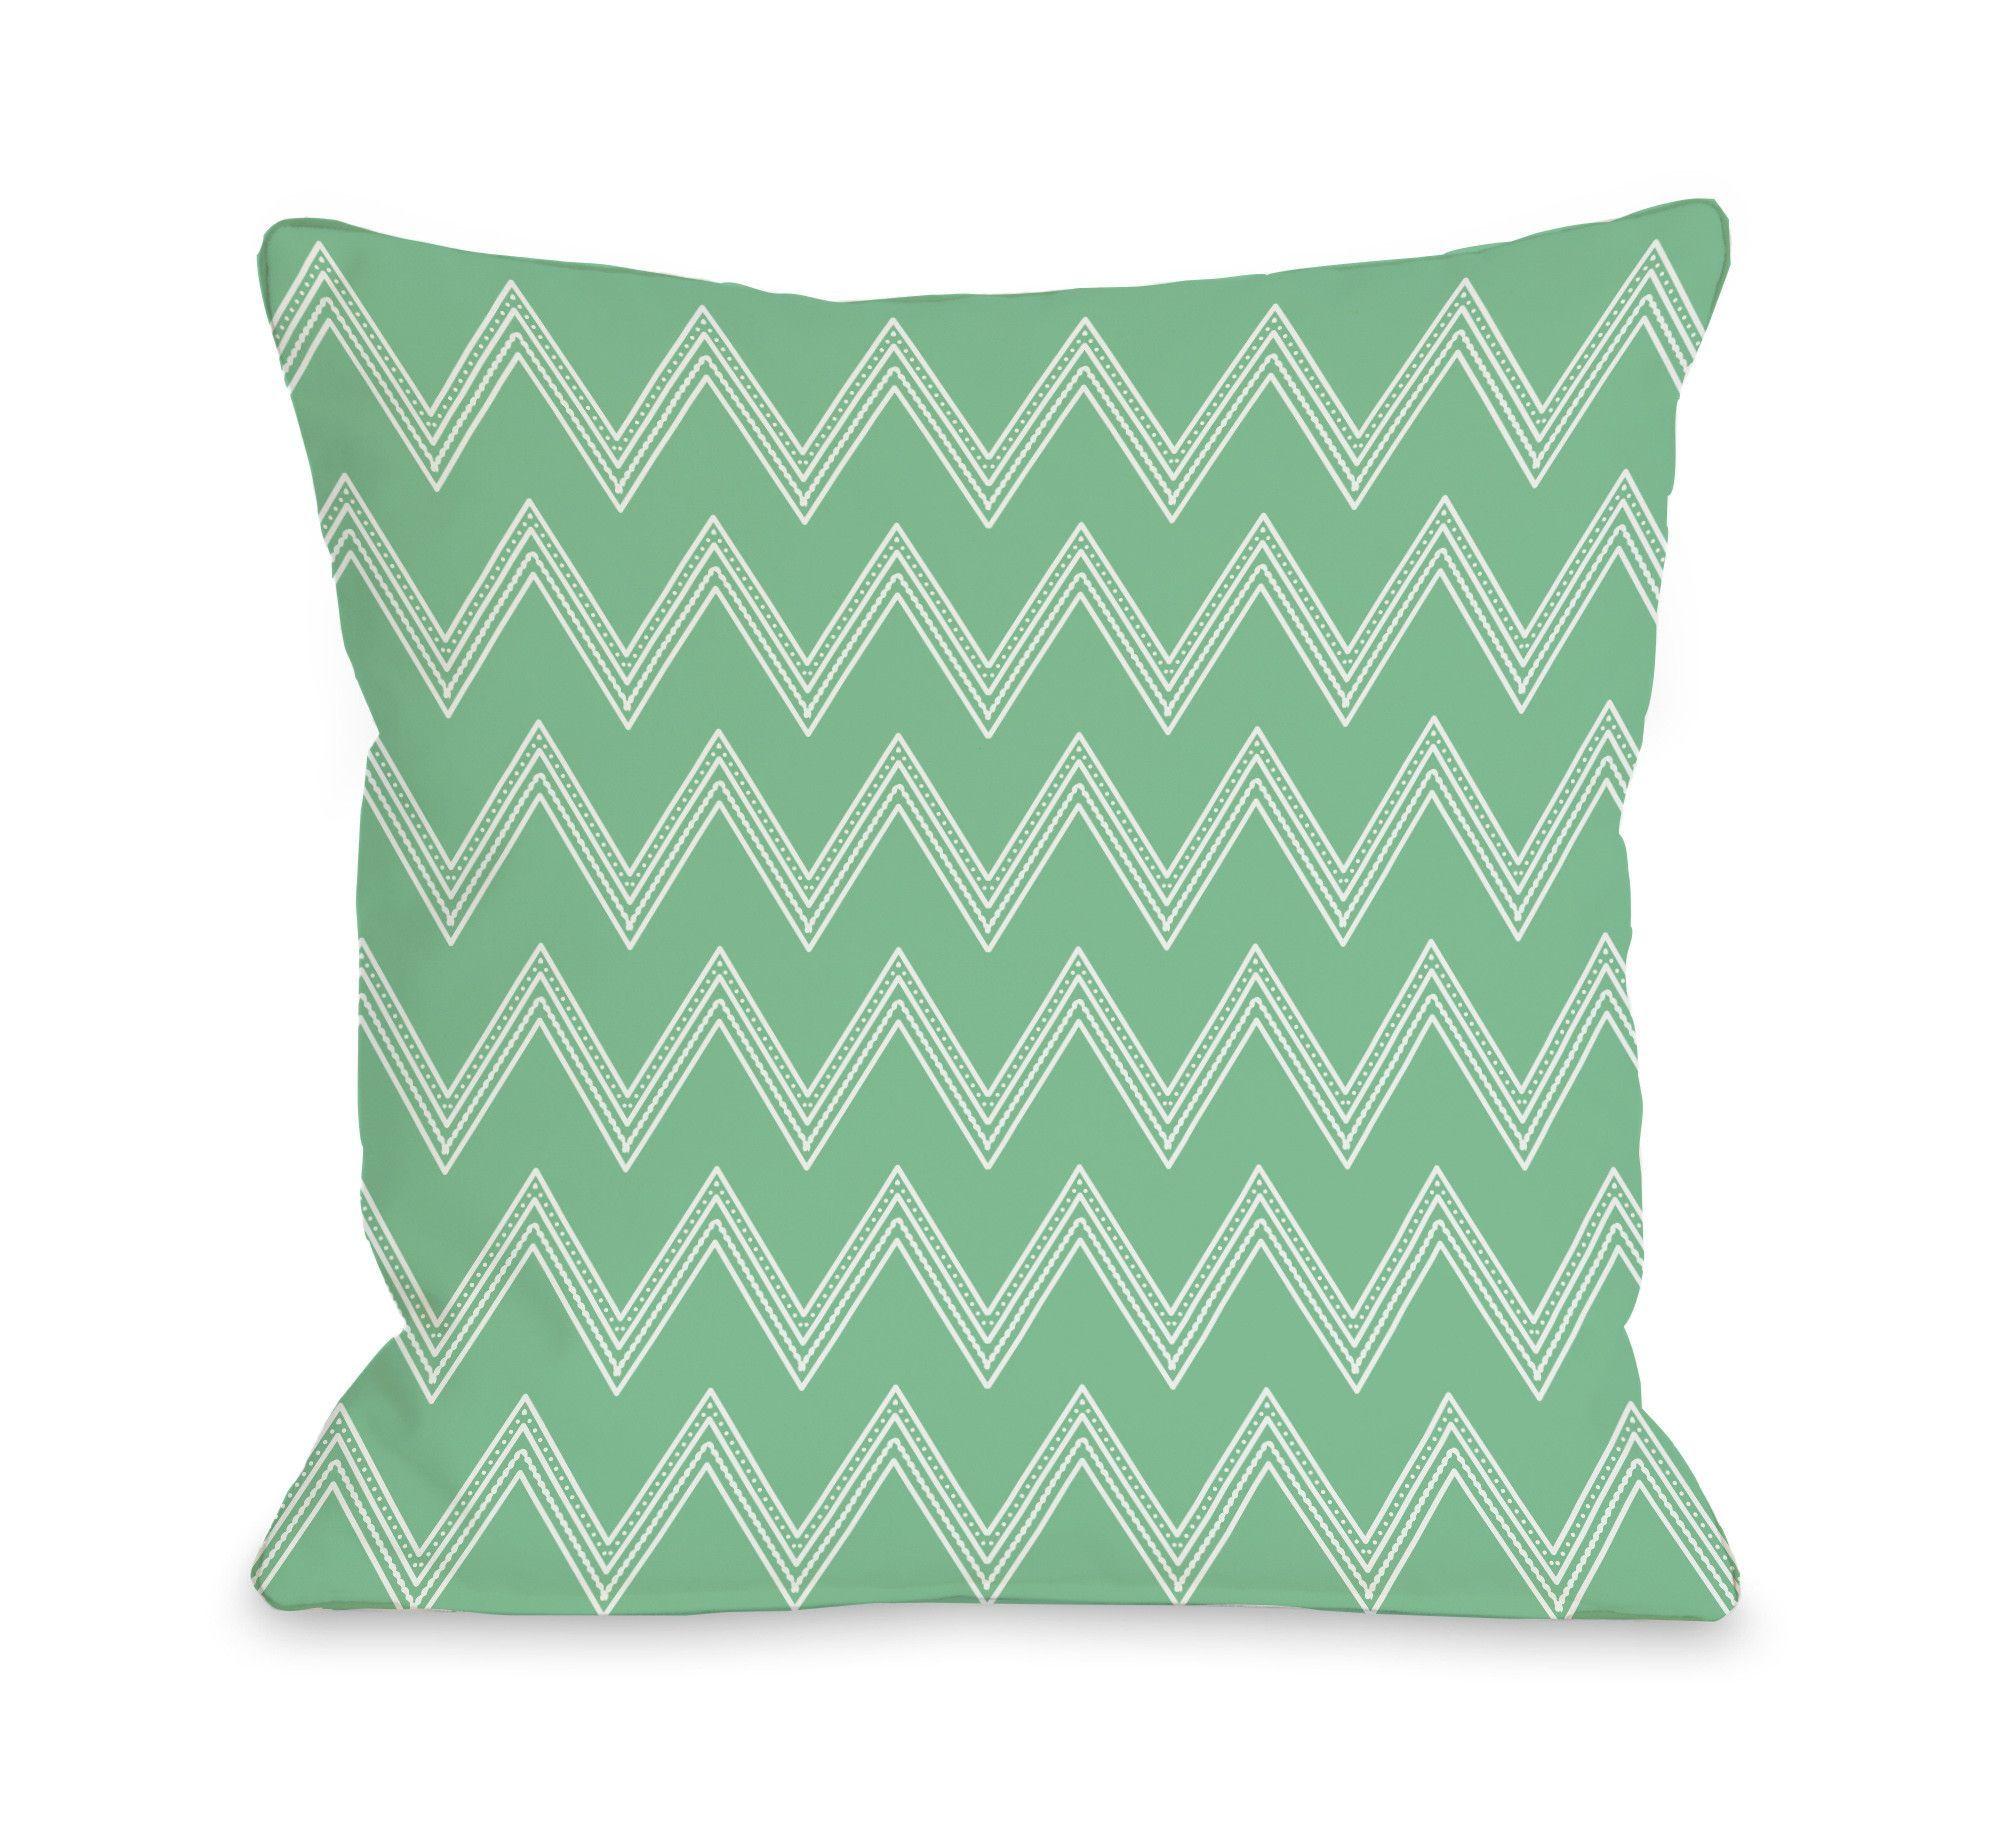 Emily Tier Chevron Throw Pillow